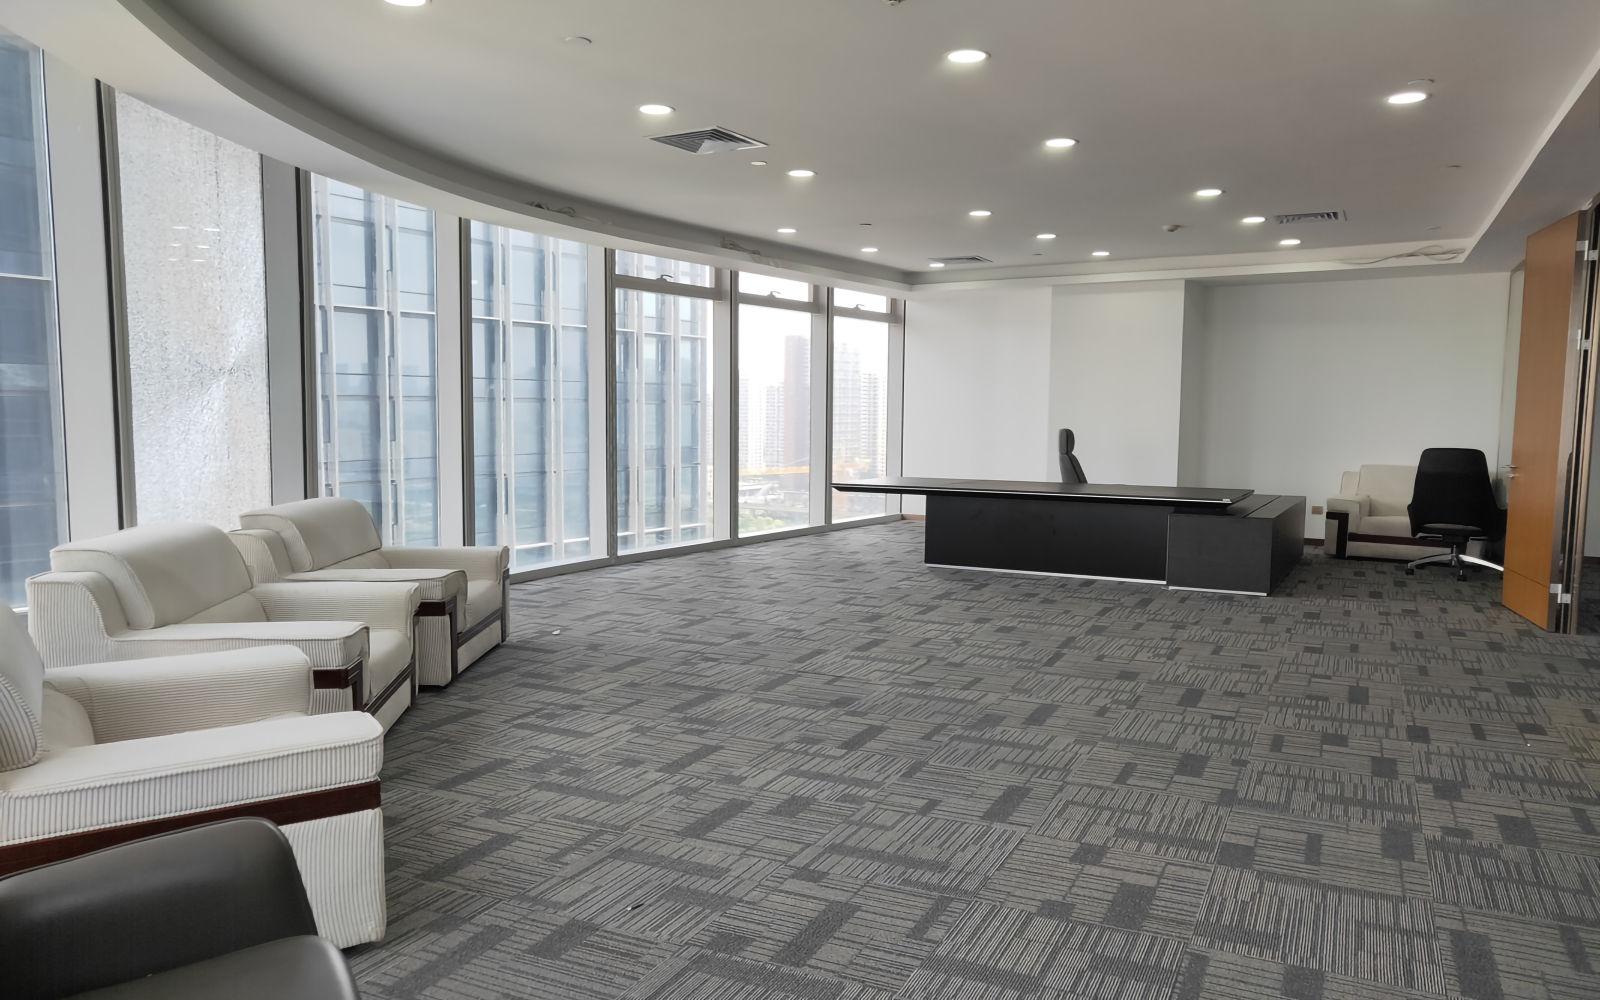 办公室装修改造如何更省钱?-咚咚租